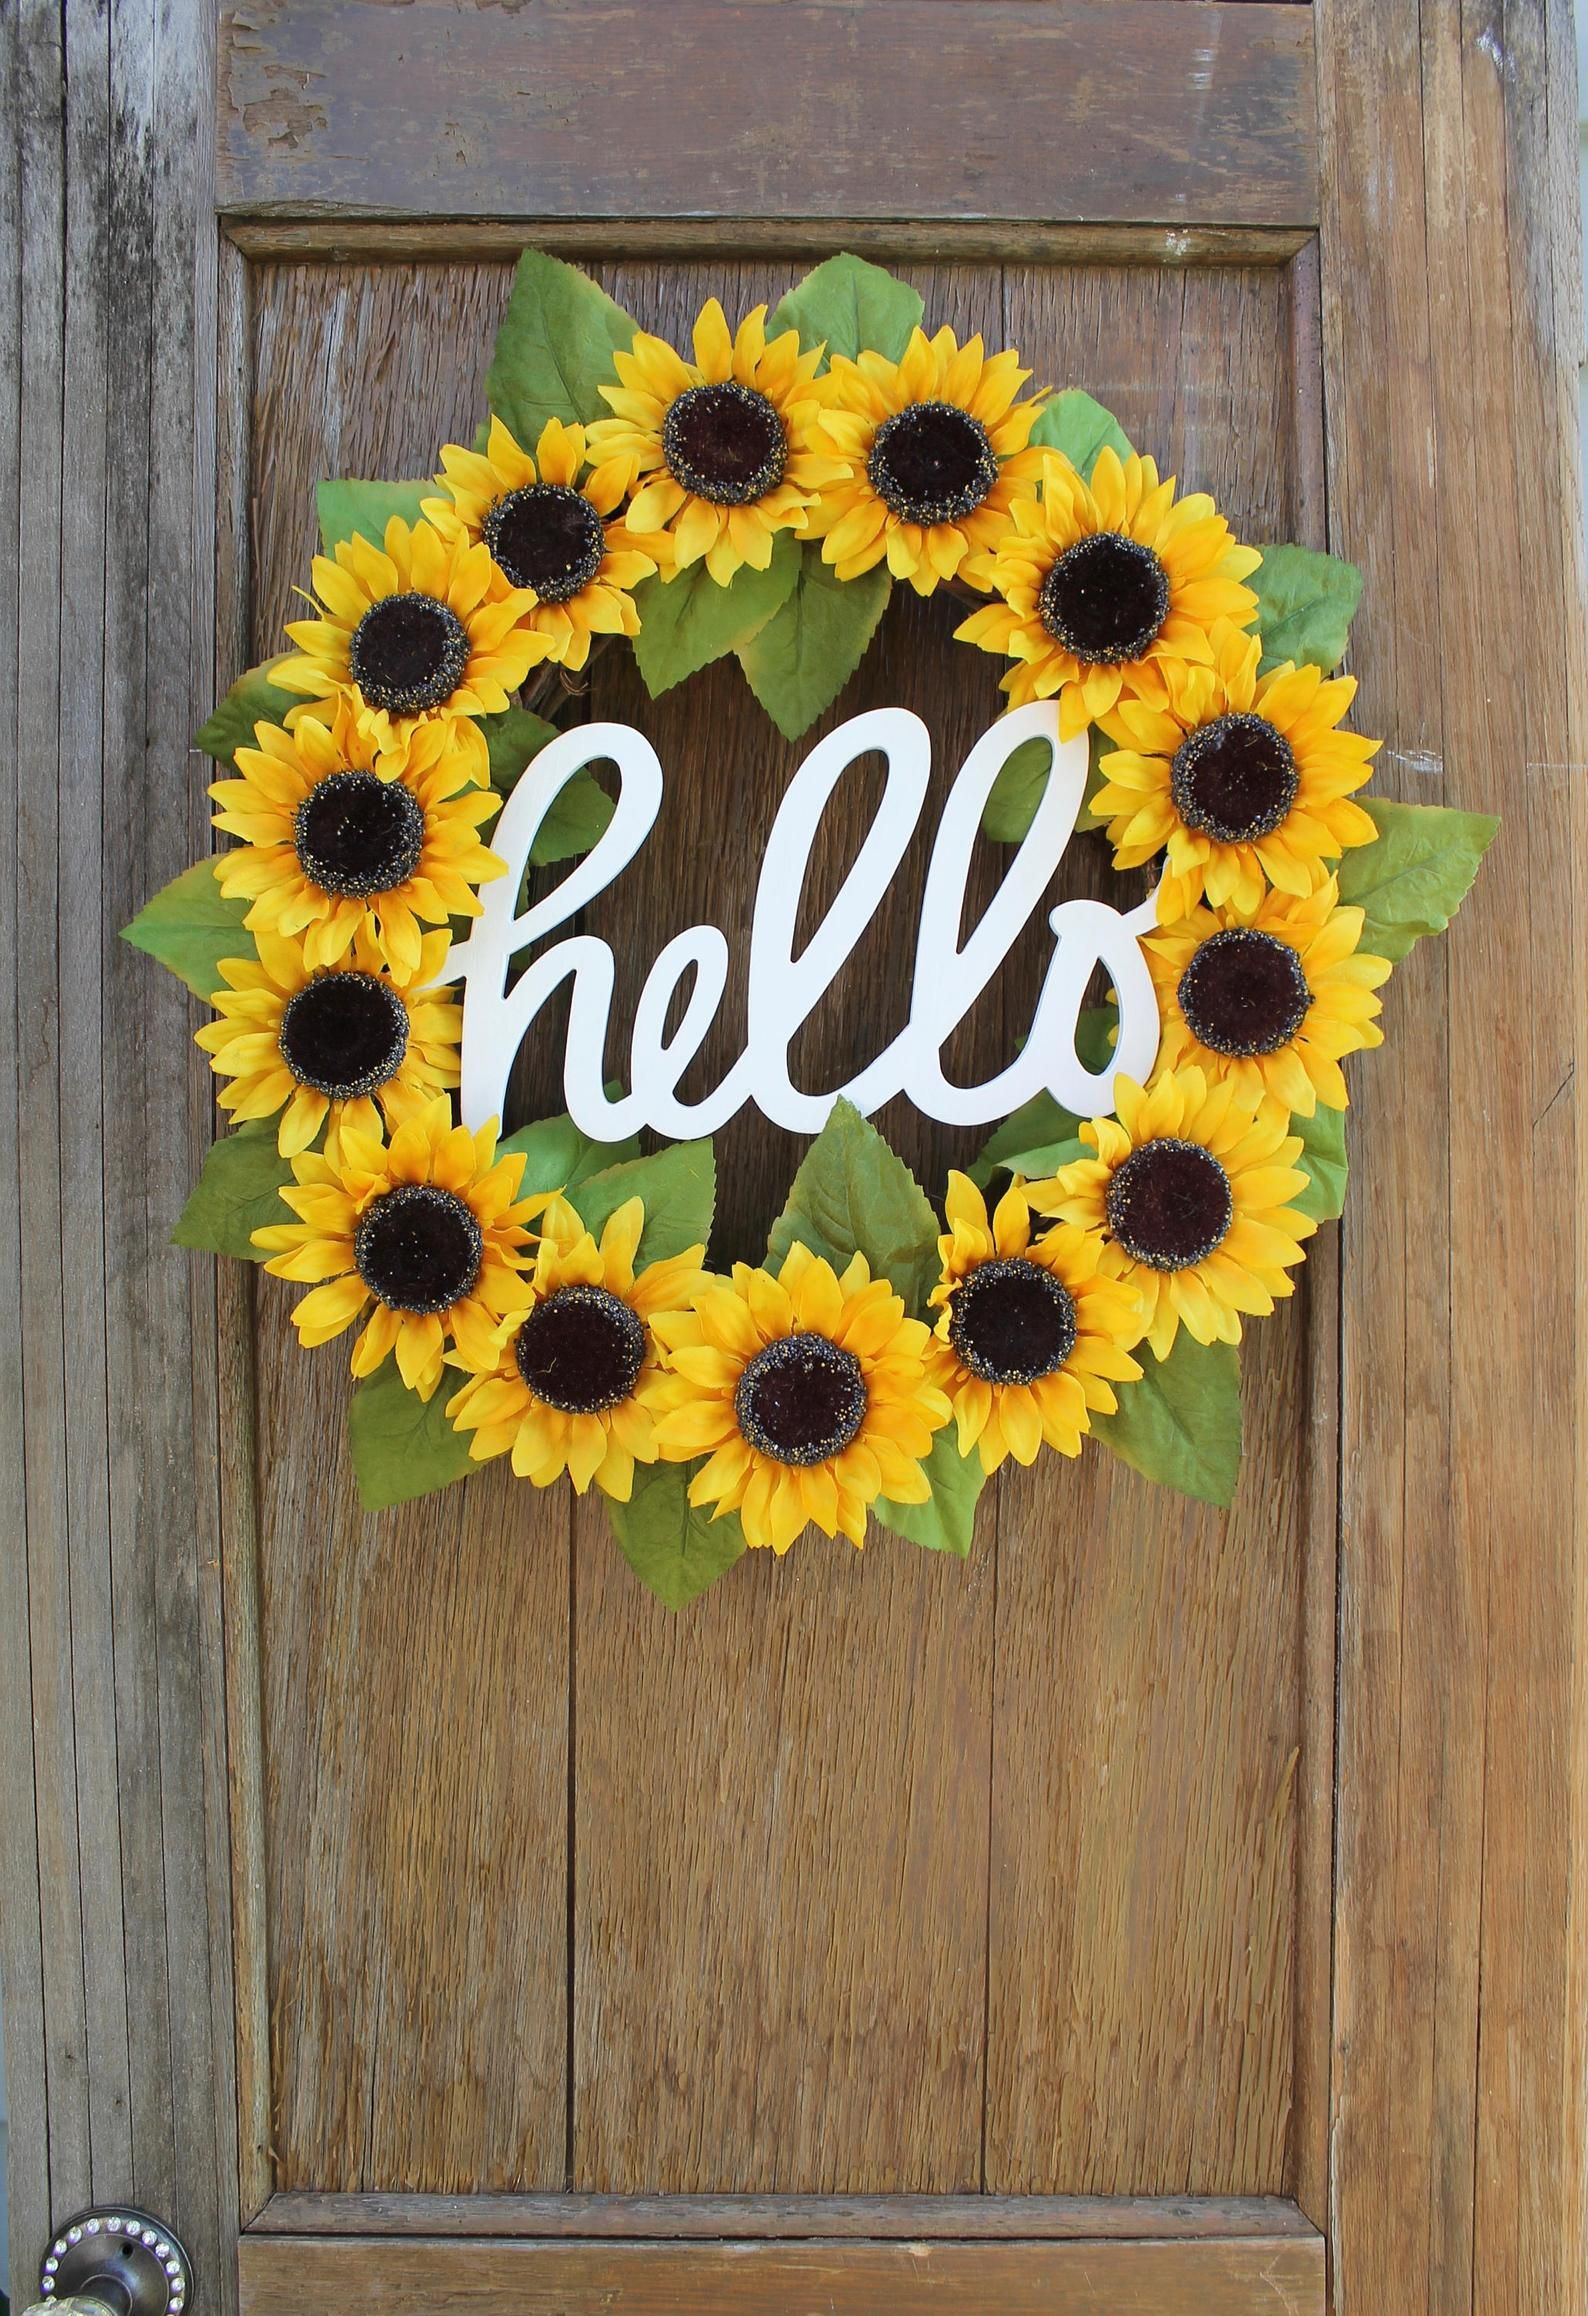 Photo of Sunflower wreath, spring wreath, summer wreath, hello wreath, sunflower decor, front door wreath, hello sign, yellow wreath, autumn wreath